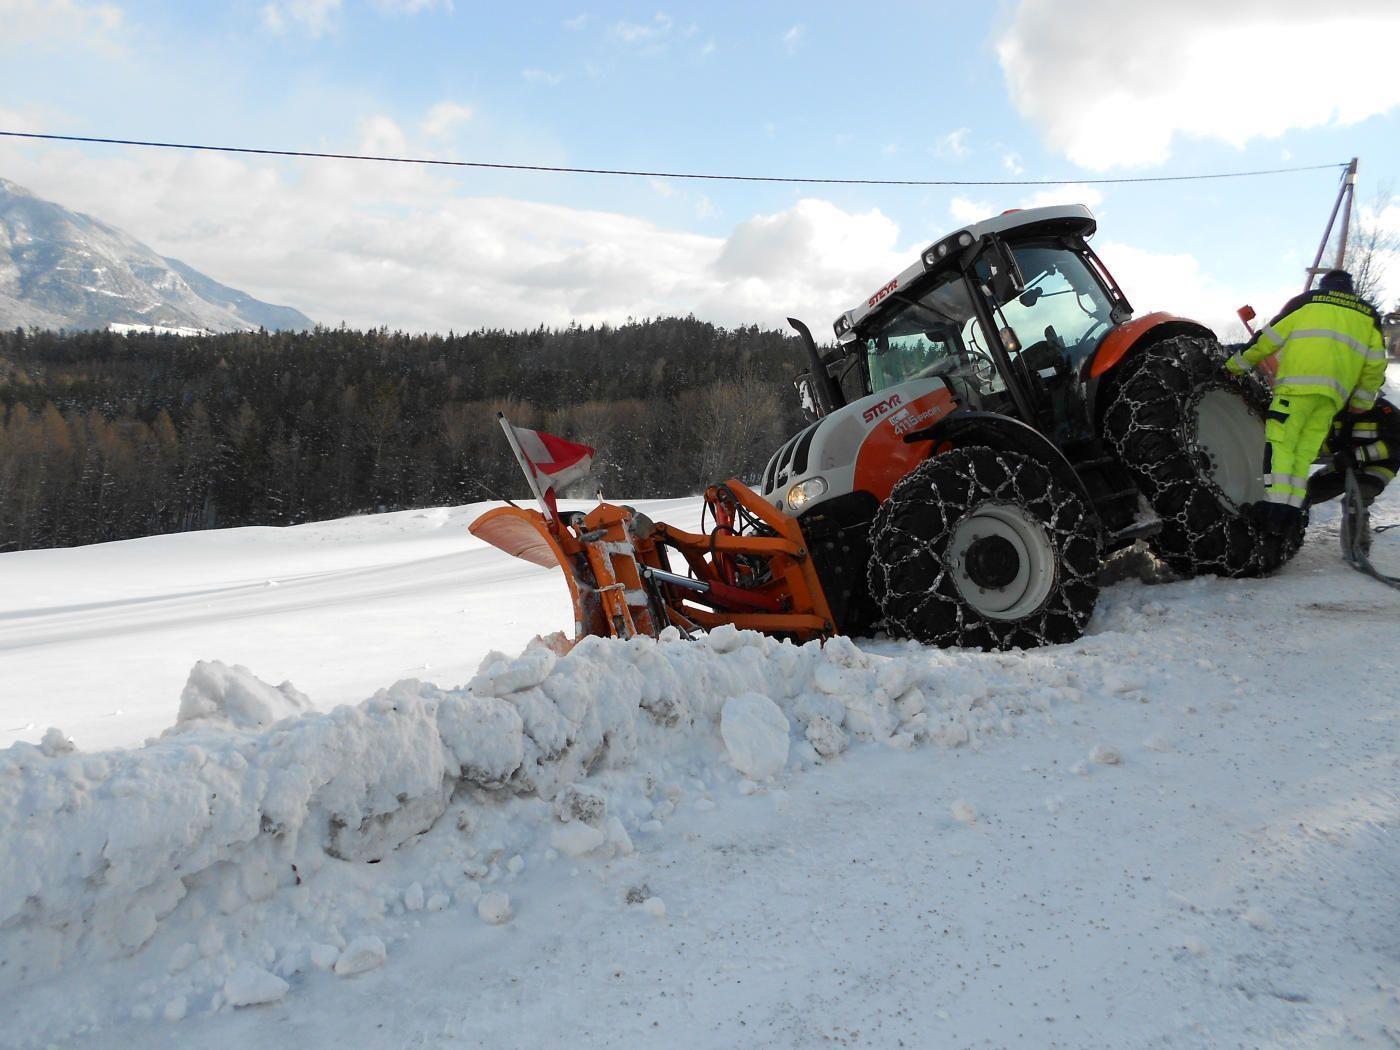 Ironie des Winters: Schneeräumfahrzeug bleibt im Schnee stecken